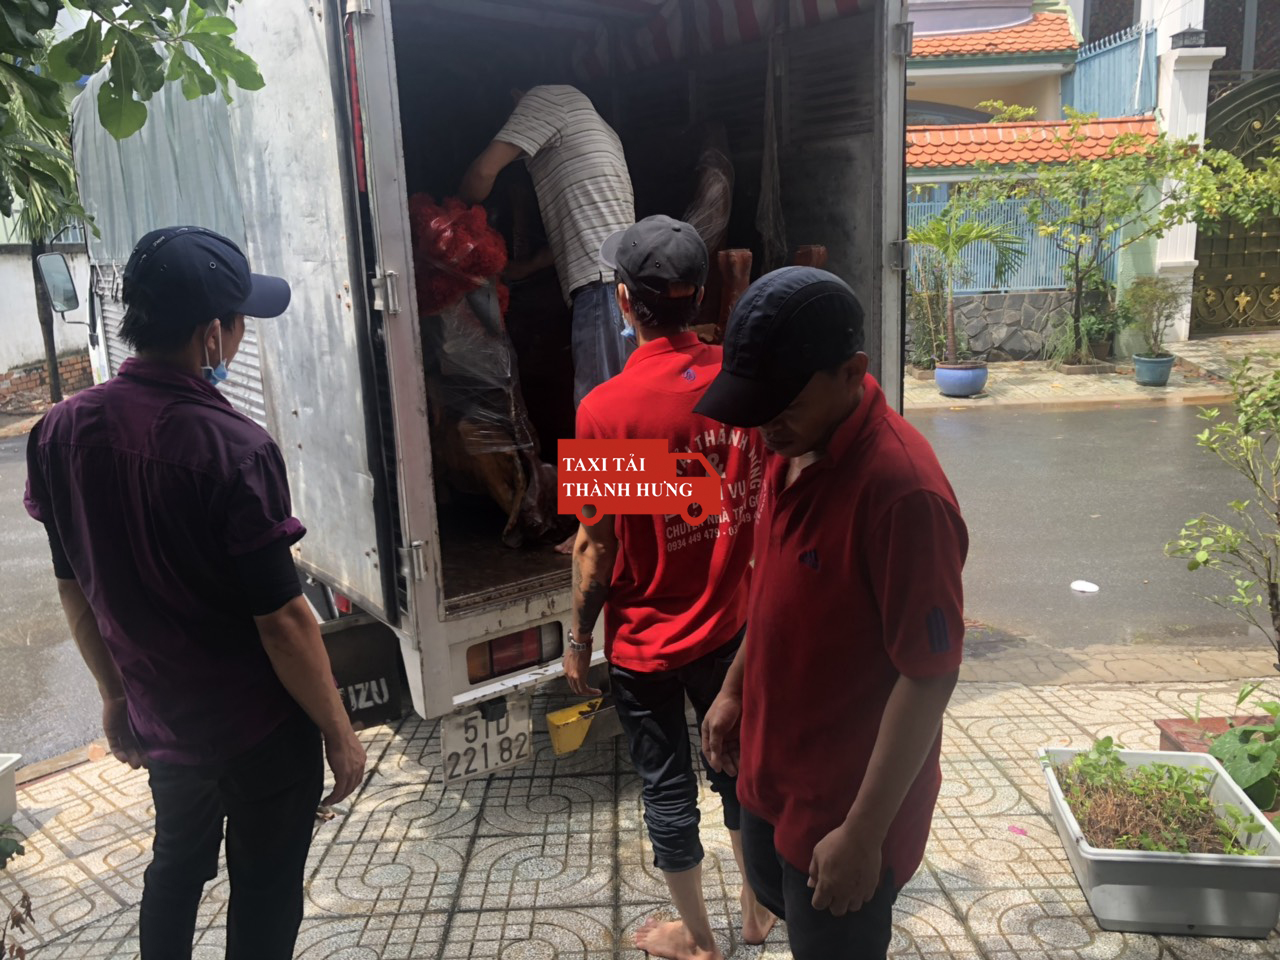 chuyển nhà thành hưng,Taxi tải Thành Hưng chuyển đồ nhanh quận 3